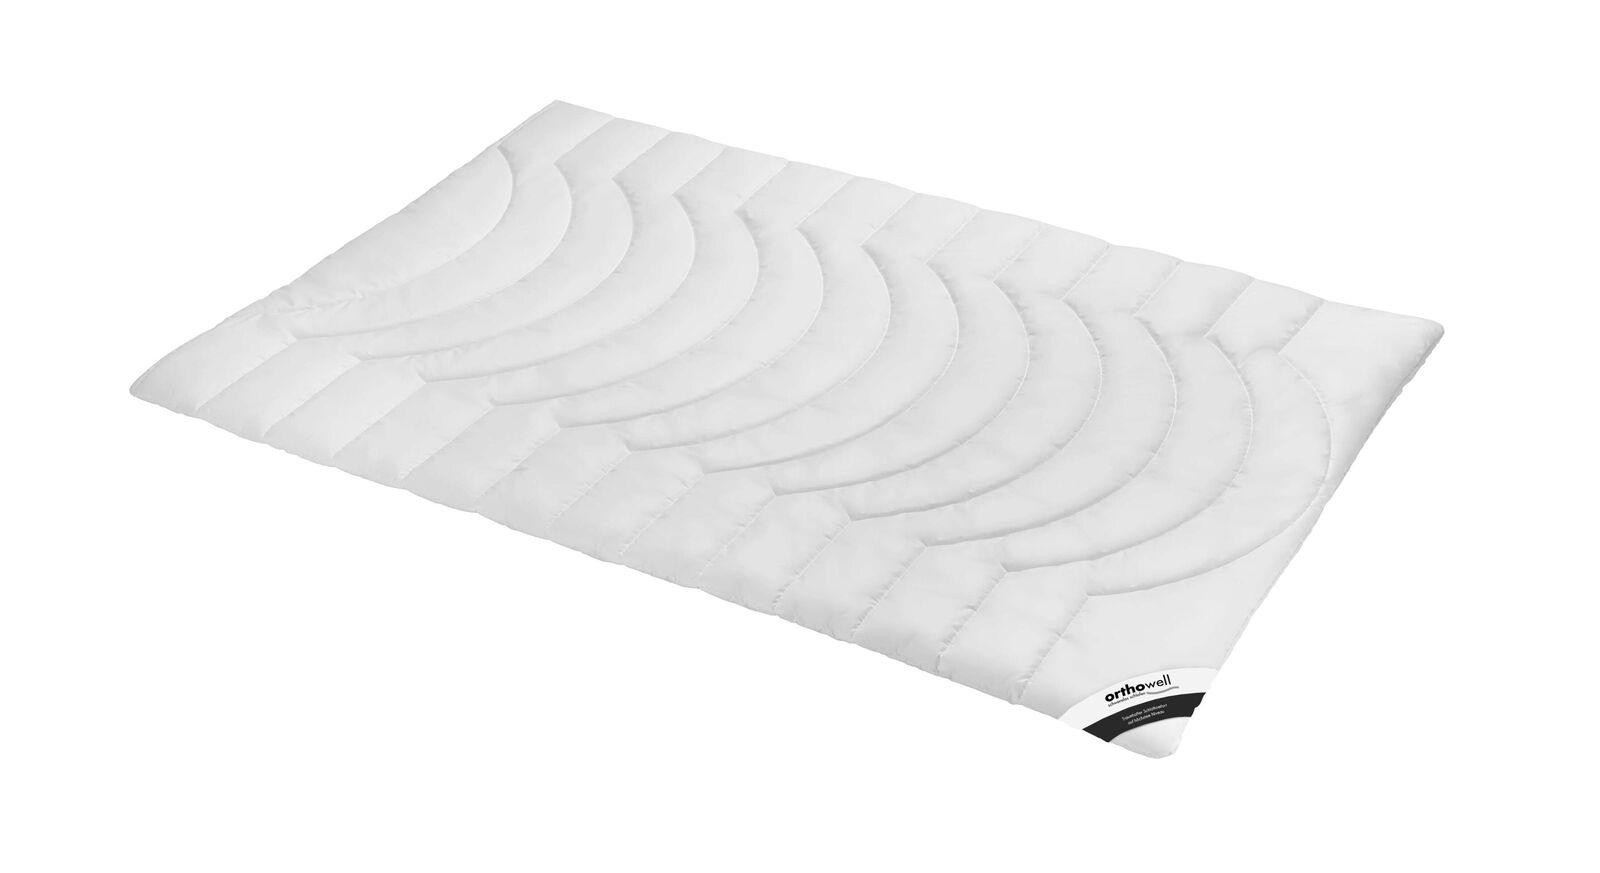 Weiche Faser-Bettdecke orthowell Premium normal